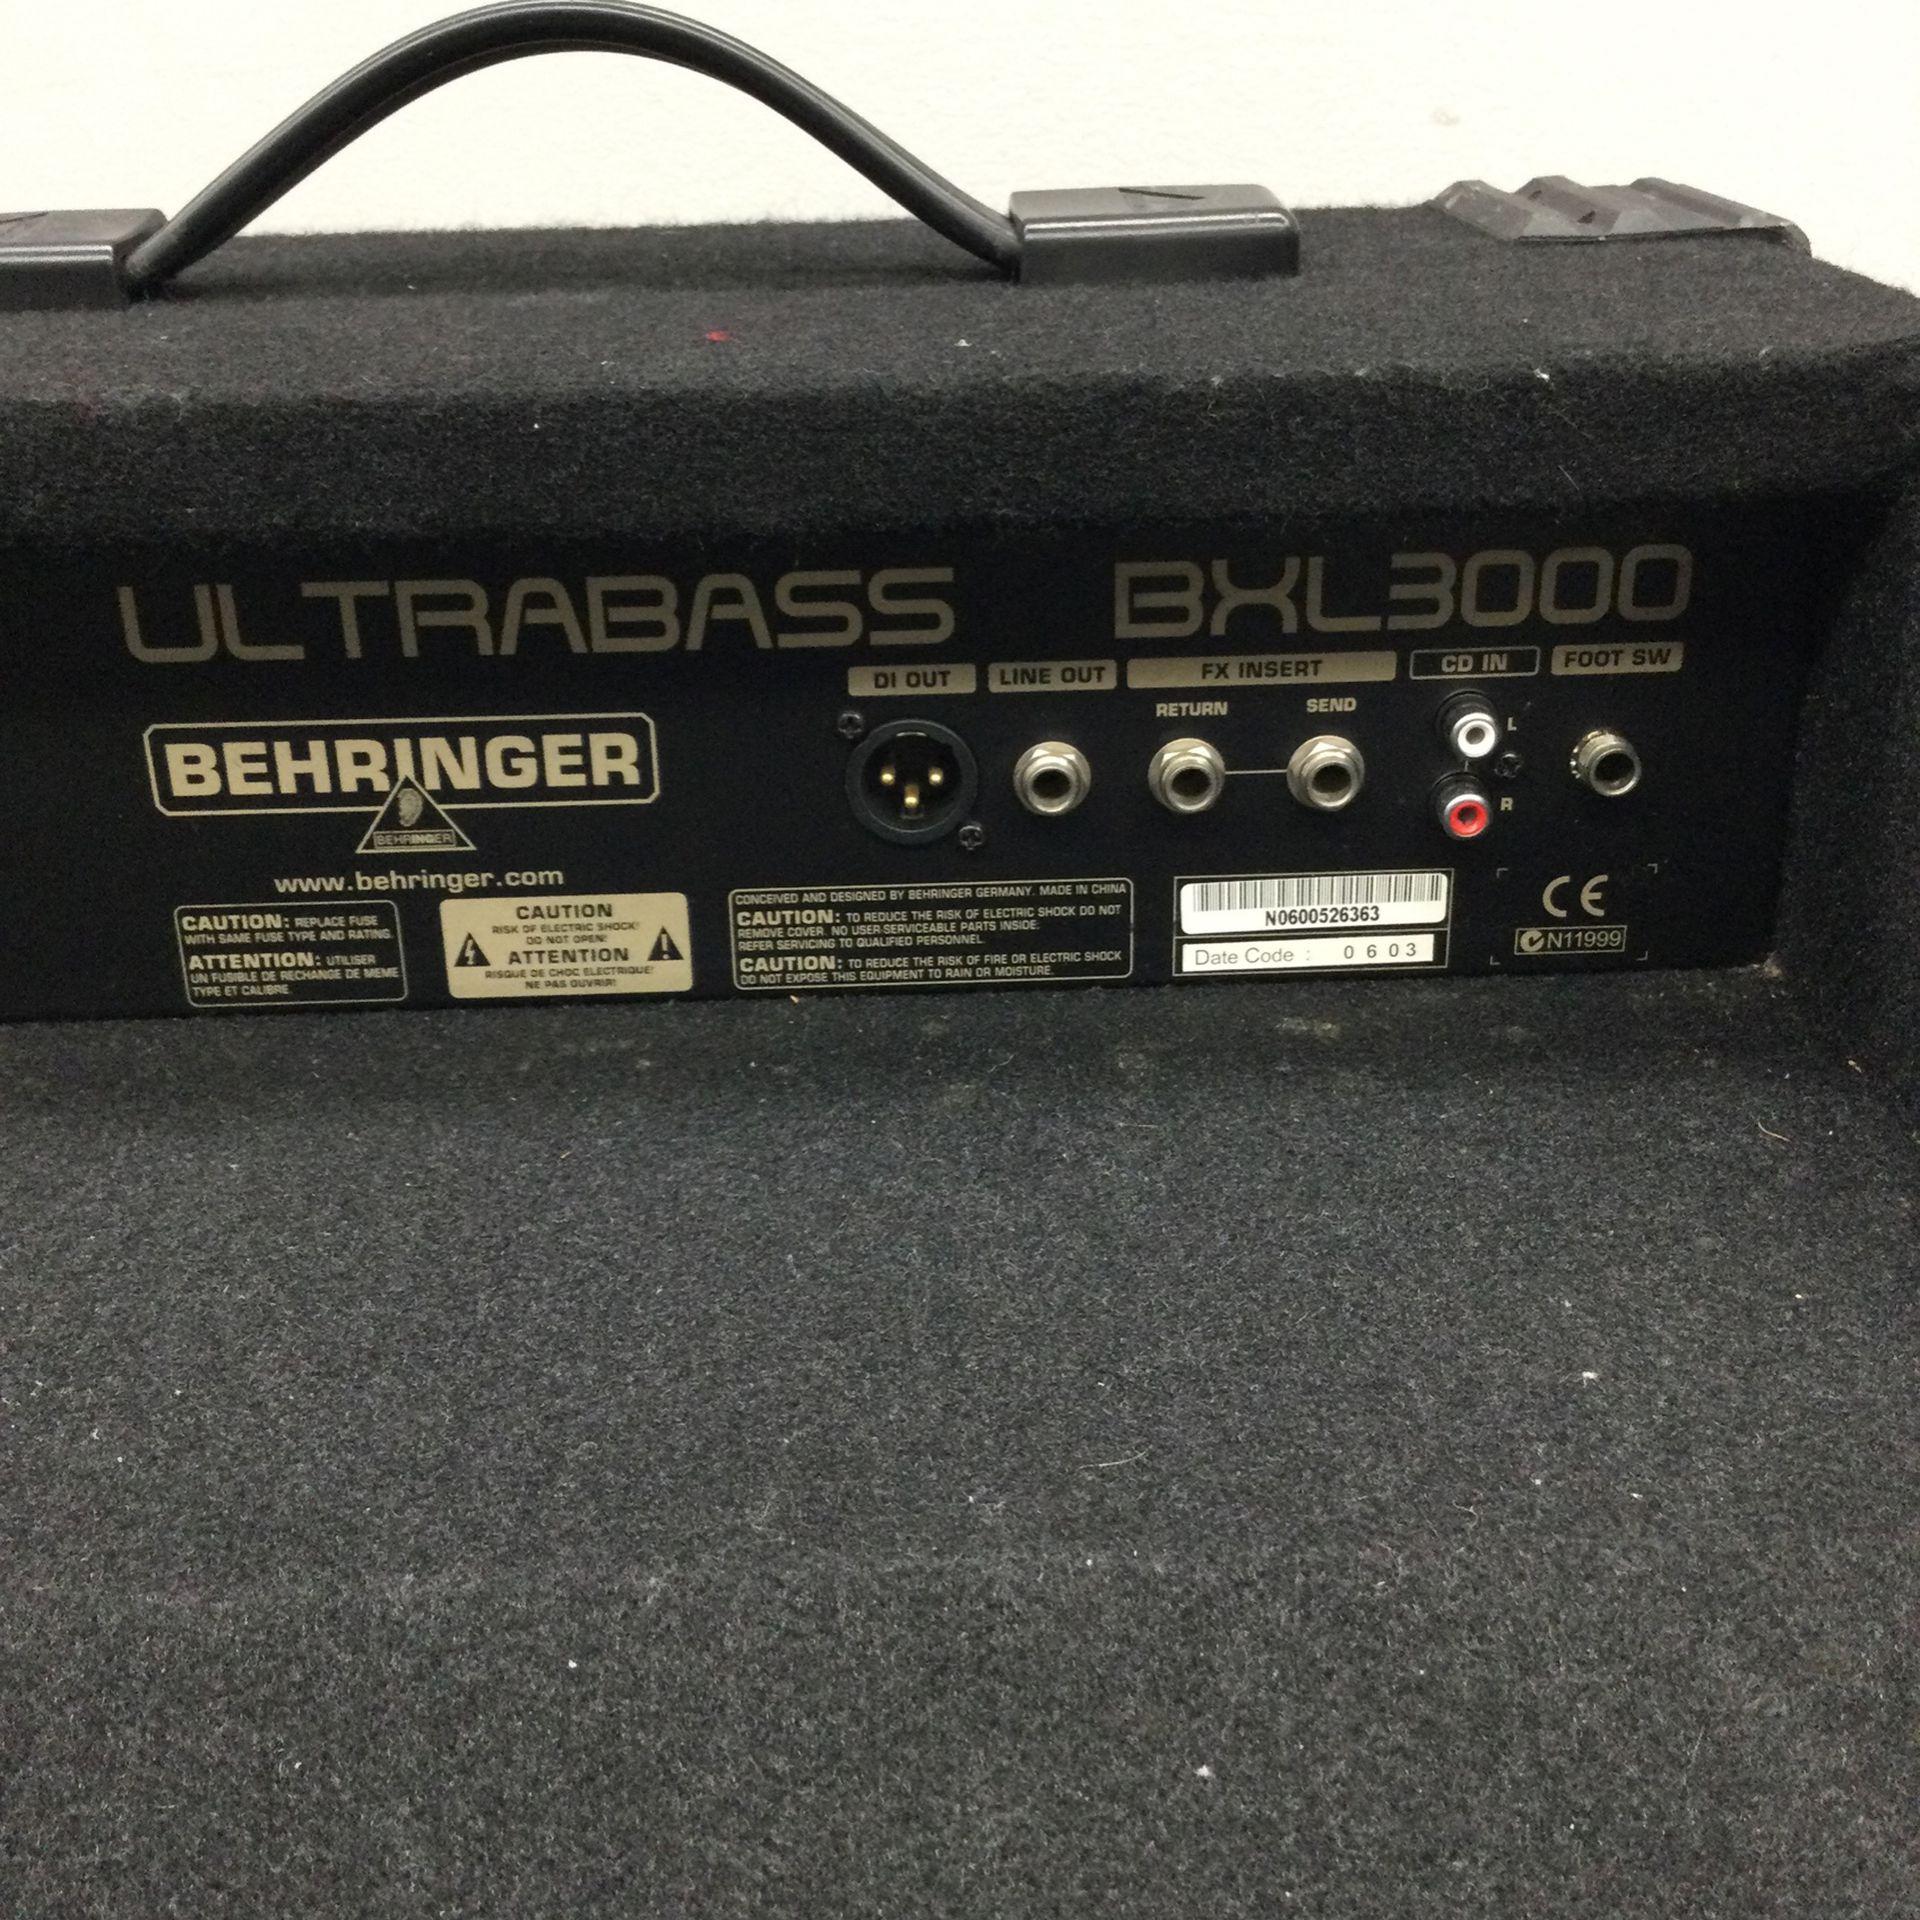 Behringer Ultra bass BXL3000